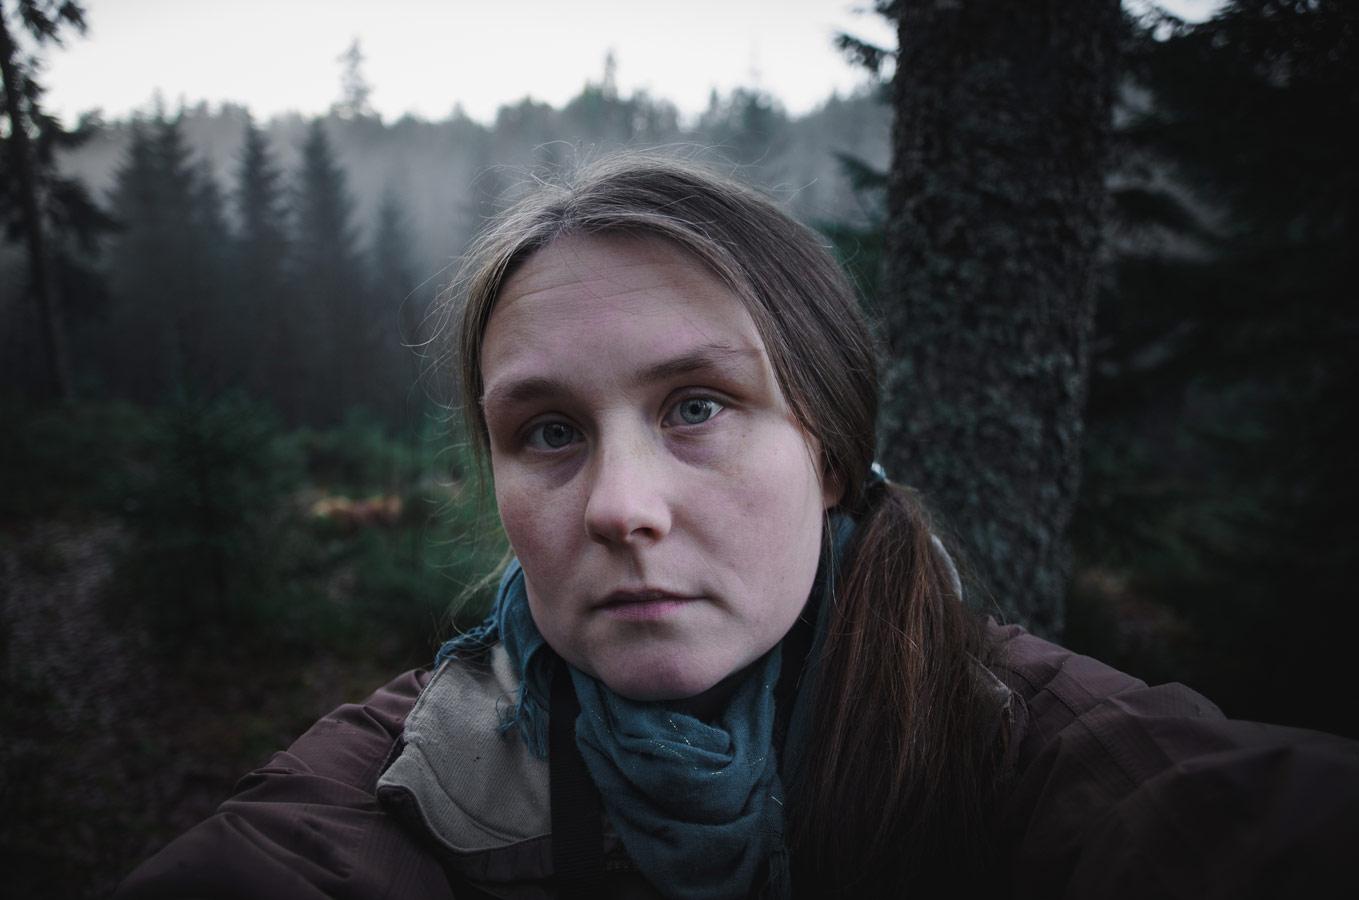 Пережить ноябрь (автопортрет), © Дарья Олыкайнен, Фотоконкурс «Осенний портрет»